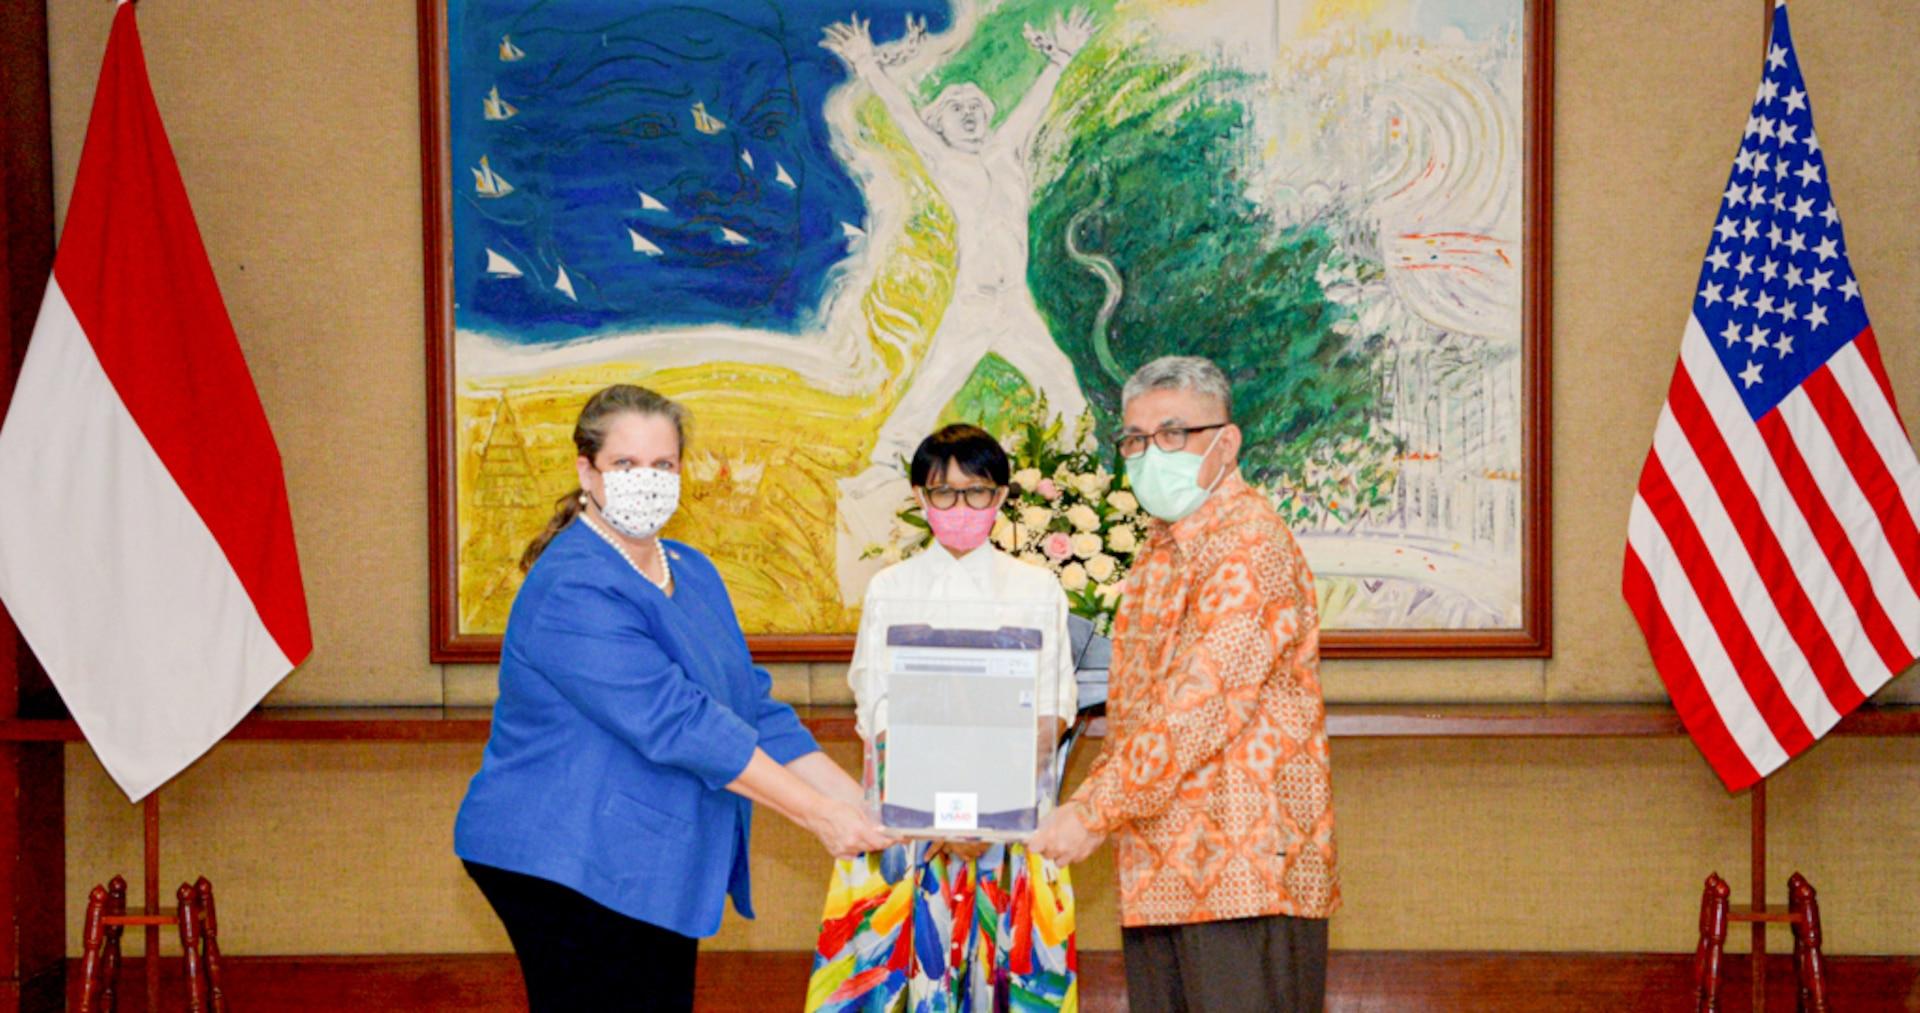 U.S. Provides Ventilators to Indonesia to Battle COVID-19